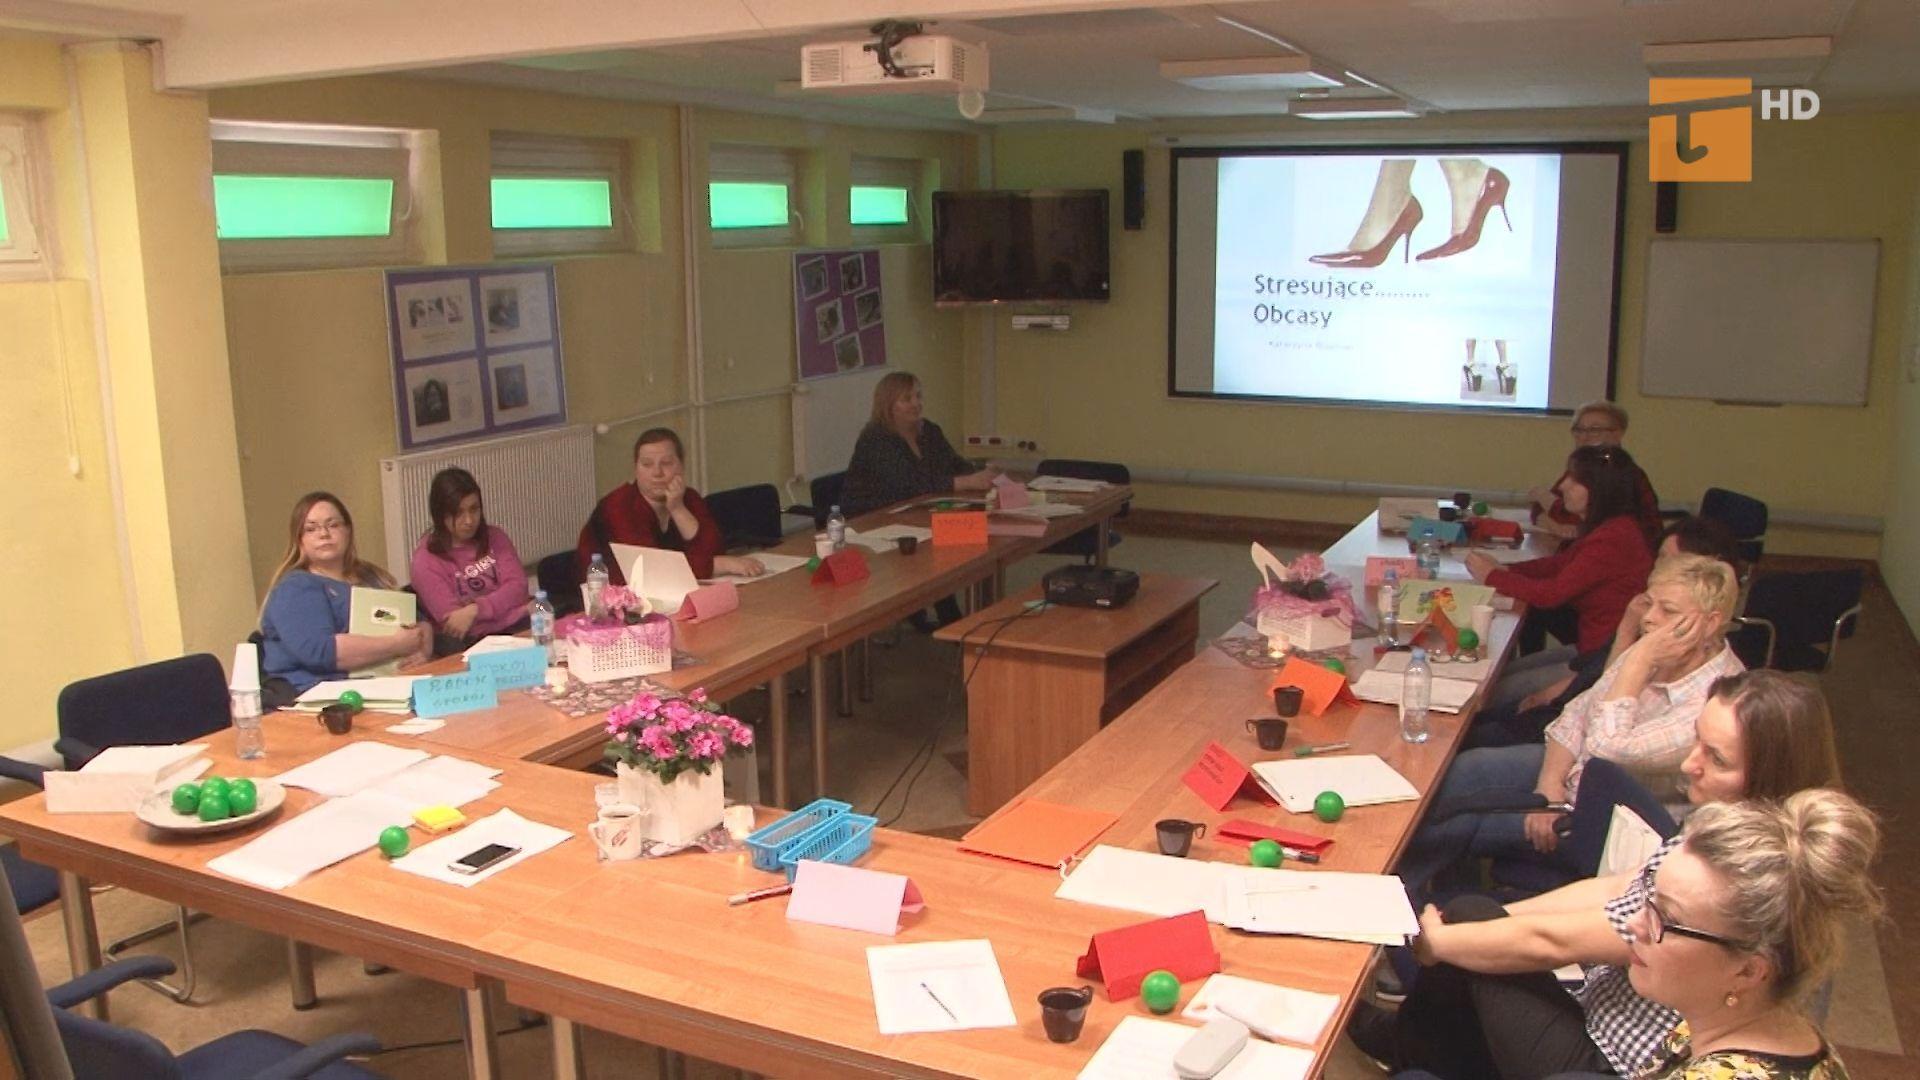 Powiatowy Urząd Pracy prowadzi spotkanie i warsztaty dla kobiet